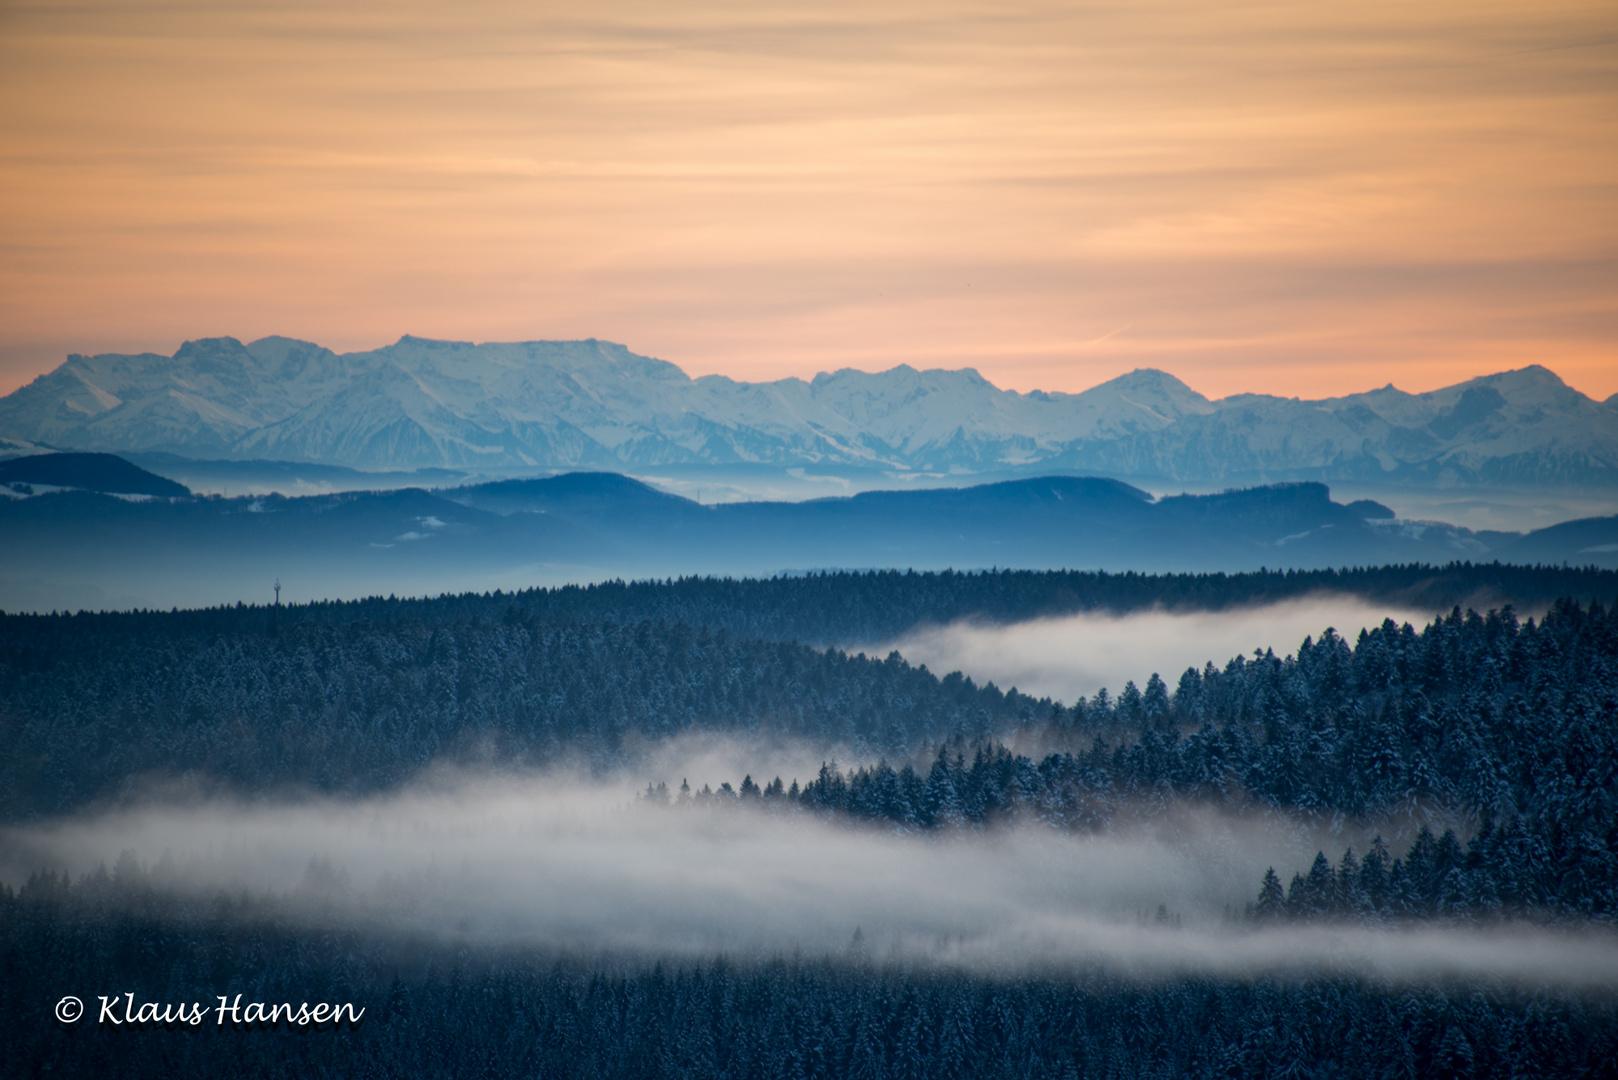 Ibach im Südlichen Schwarzwald